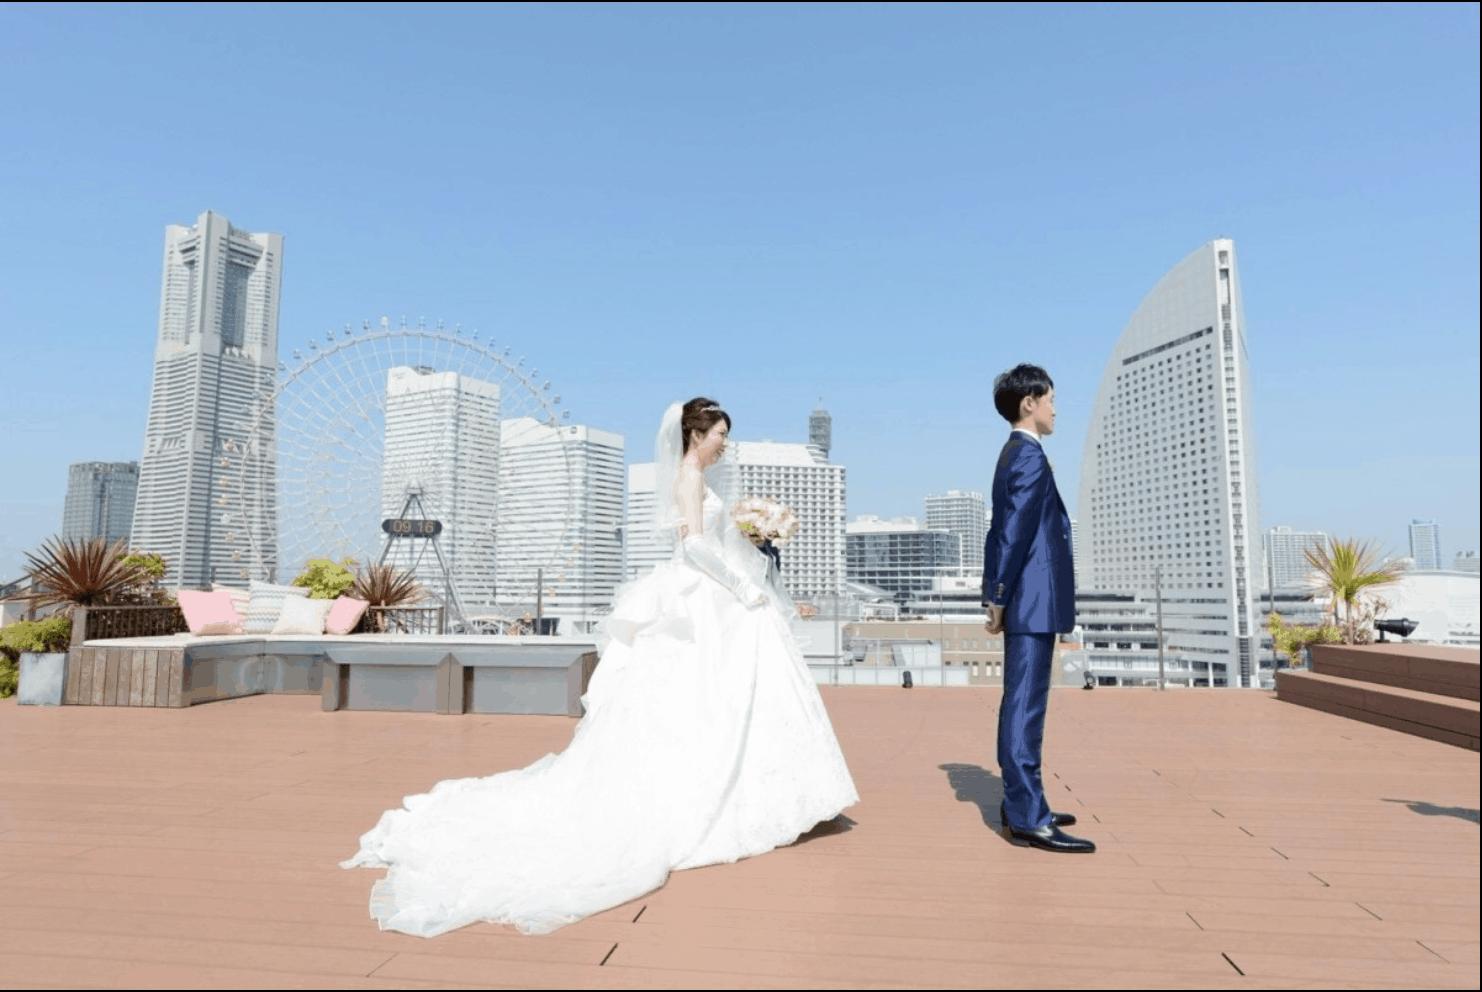 【横浜・みなとみらい】神奈川の人気結婚式場ランキング!注目の場所大特集のカバー写真